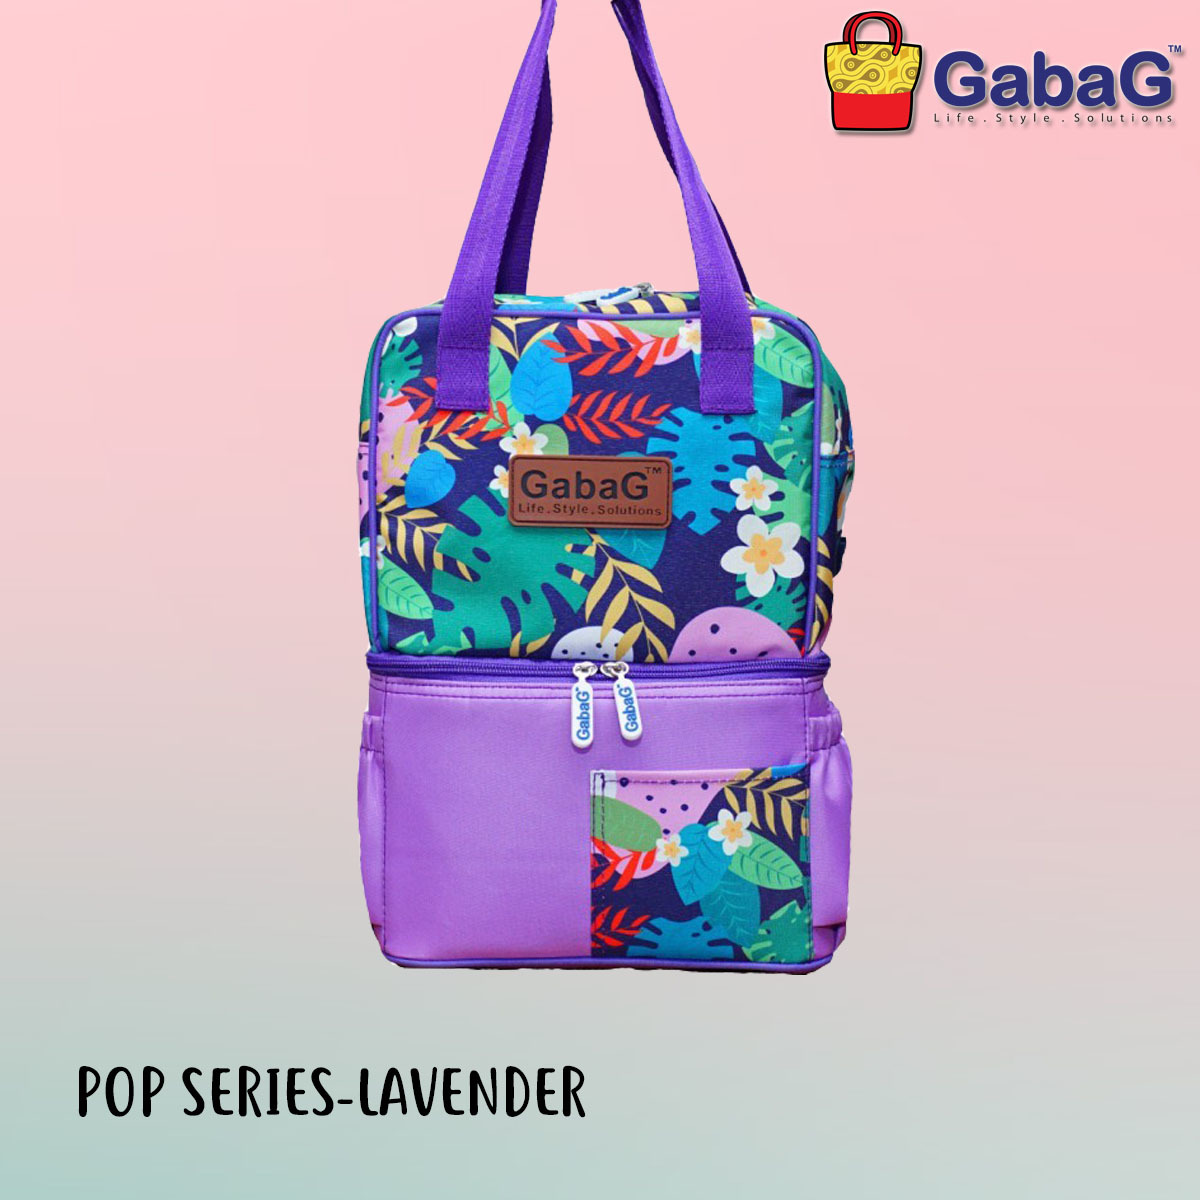 Pop Series-Lavender.jpg